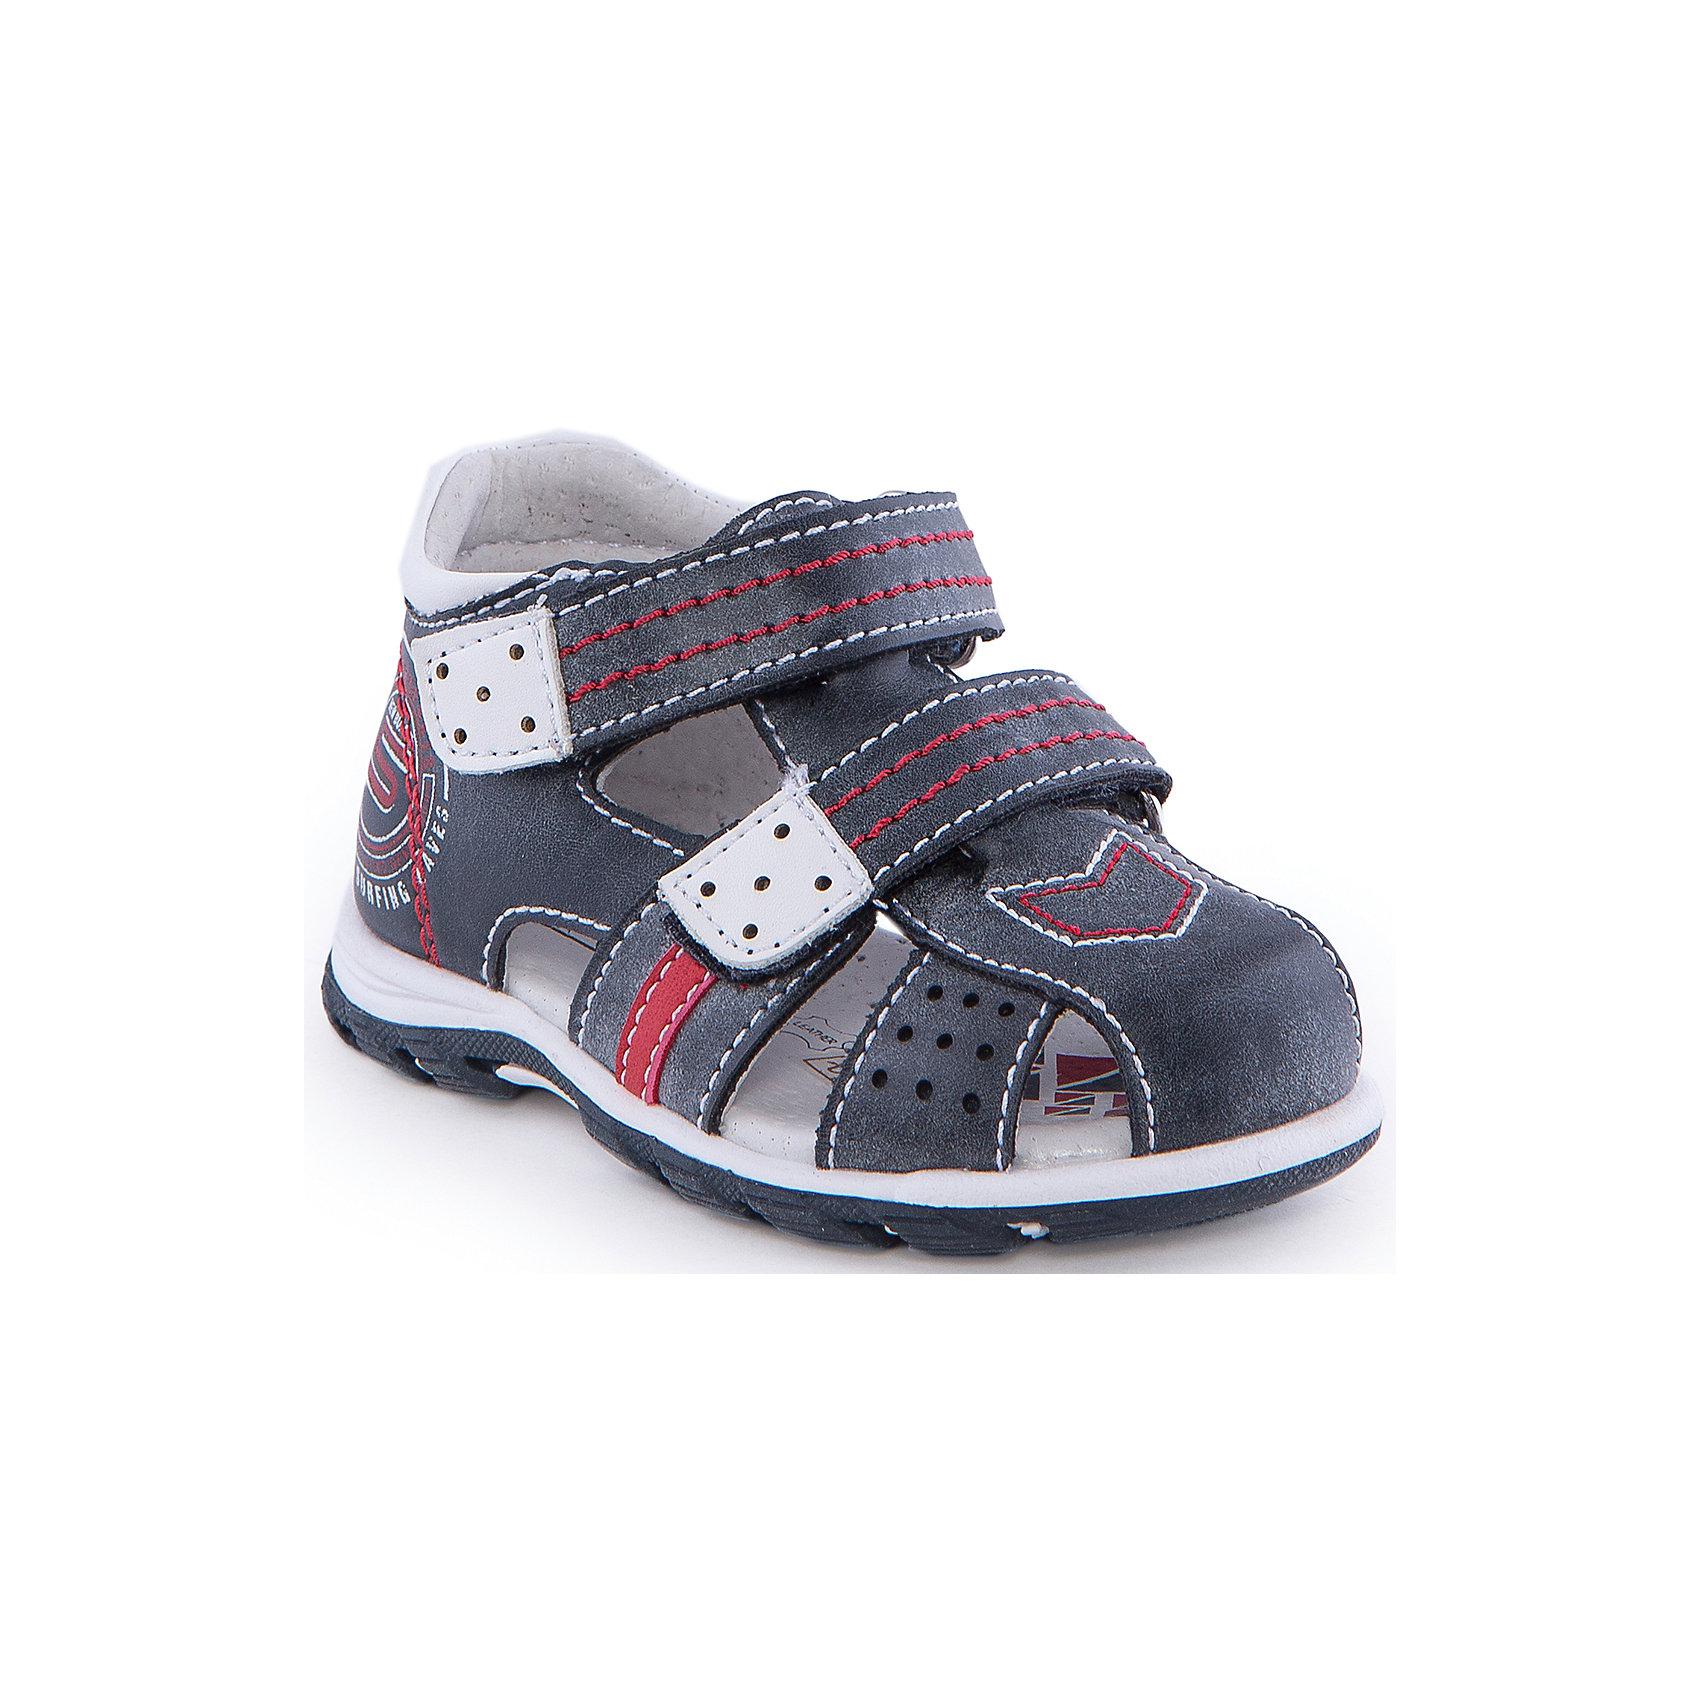 Сандалии для мальчика Indigo kidsСандалии<br>Сандалии для мальчика от известного бренда Indigo kids<br><br>Модные сандалии позволяют ножкам ребенка свободно дышать. Они легко надеваются и комфортно садятся по ноге. Оригинальный дизайн и качественное исполнение выделяют такую обувь из общего ряда новых моделей для этого сезона.<br><br>Особенности модели:<br><br>- цвет - синий;<br>- стильный дизайн;<br>- удобная колодка;<br>- декорированы контрастной прошивкой;<br>- кожаная подкладка;<br>- украшены принтом;<br>- устойчивая подошва;<br>- застежки: липучки.<br><br>Дополнительная информация:<br><br>Состав:<br><br>верх – искусственная кожа;<br>подкладка -   натуральная кожа;<br>подошва - ТЭП.<br><br>Сандалии для мальчика Indigo kids (Индиго Кидс) можно купить в нашем магазине.<br><br>Ширина мм: 219<br>Глубина мм: 154<br>Высота мм: 121<br>Вес г: 343<br>Цвет: синий<br>Возраст от месяцев: 9<br>Возраст до месяцев: 12<br>Пол: Мужской<br>Возраст: Детский<br>Размер: 20,24,21,25,23,22<br>SKU: 4582770